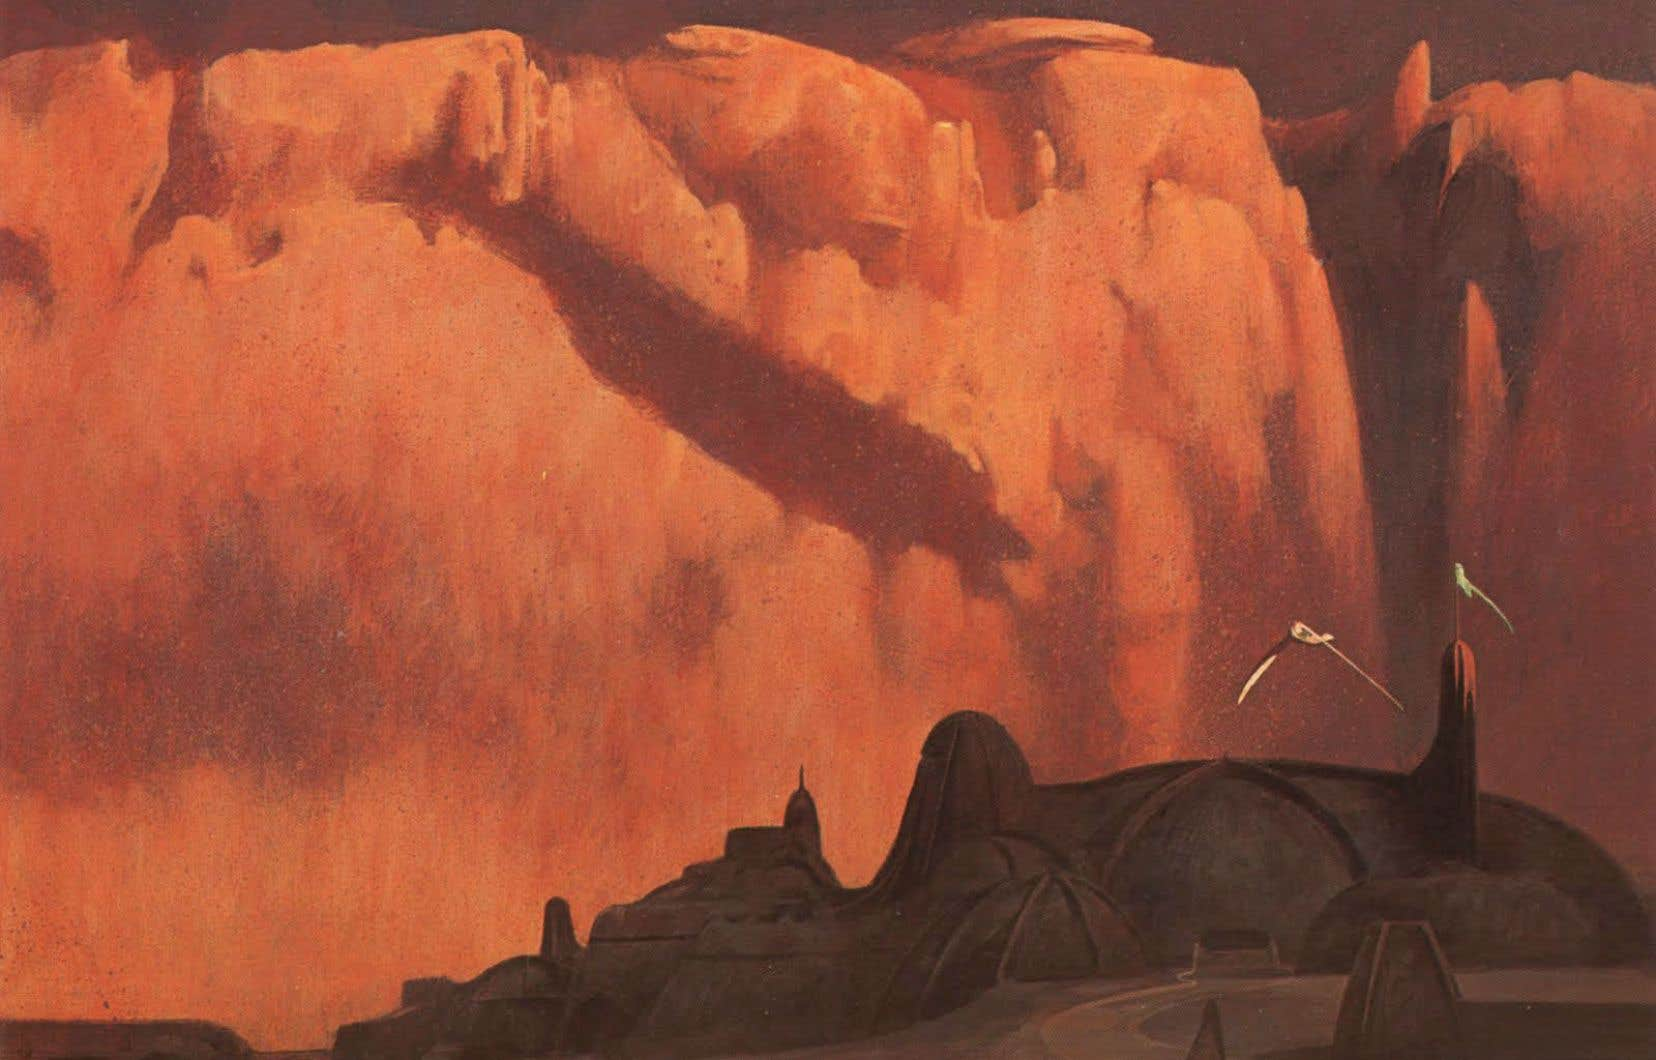 La mythologie foisonnante que déploie Frank Herbert dans «Dune» envoûte.